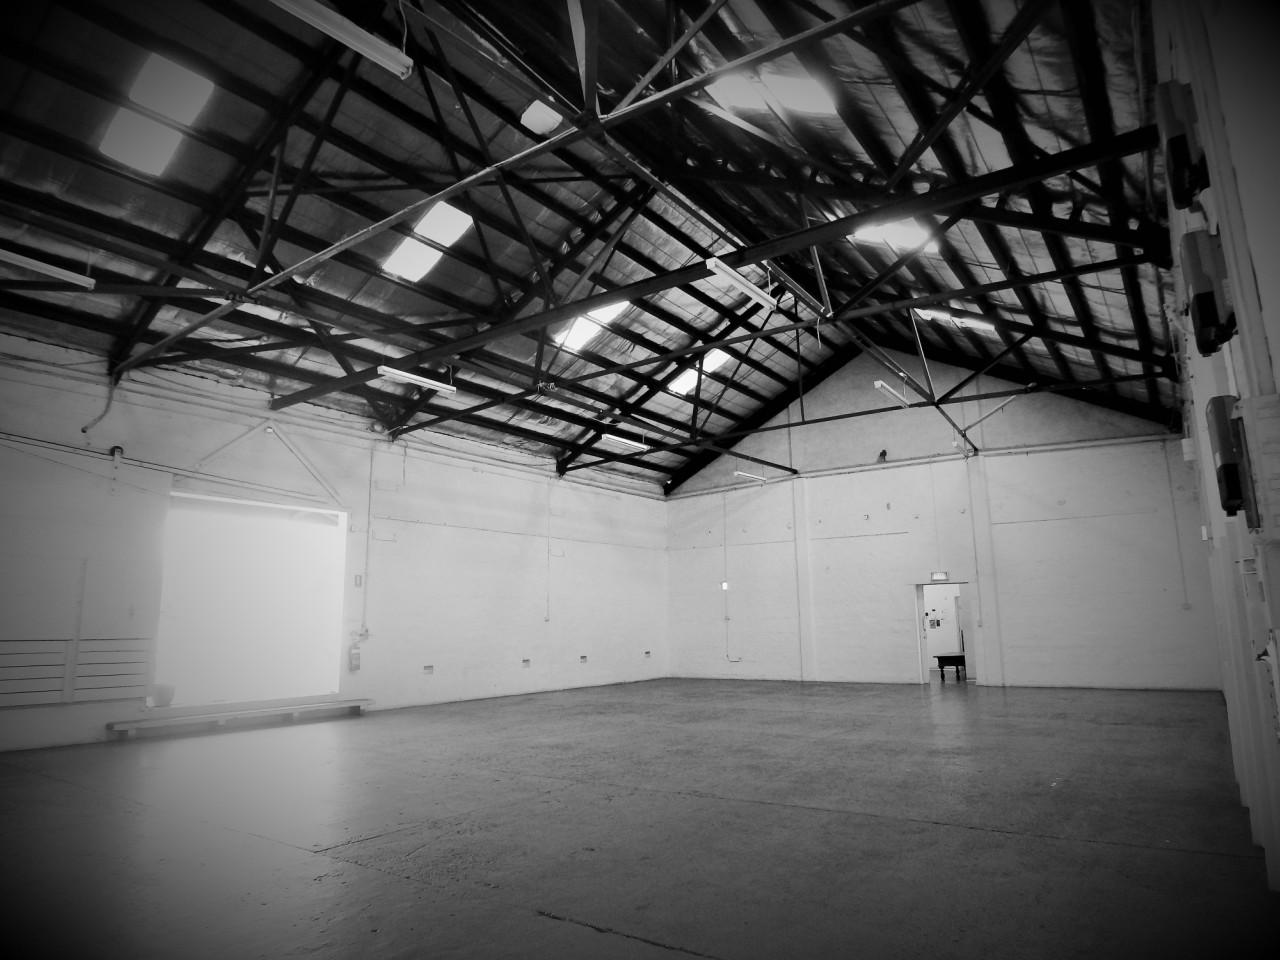 Blank canvas venue